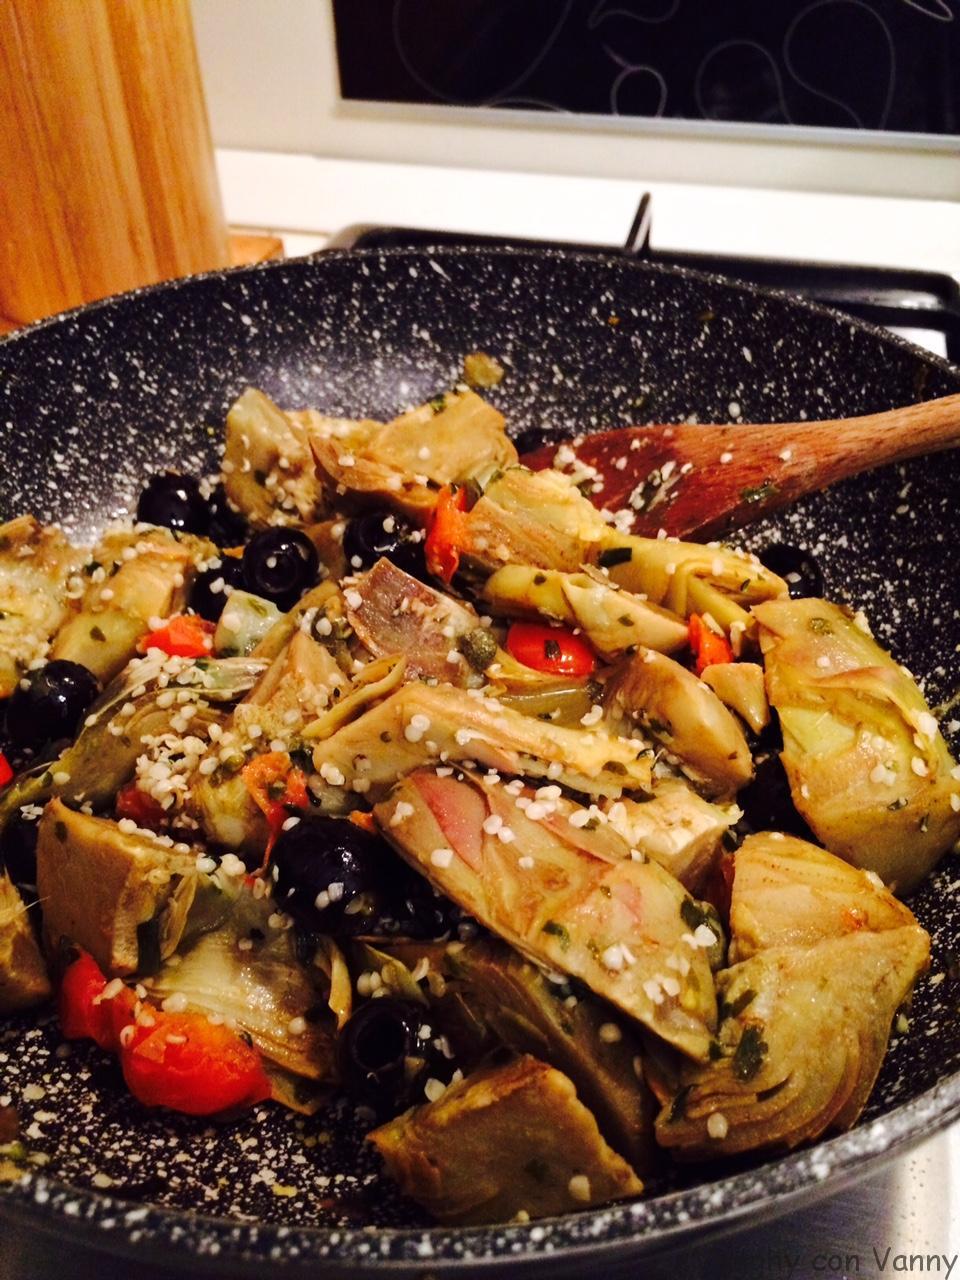 Carciofi con olive nere, capperi e semi di canapa